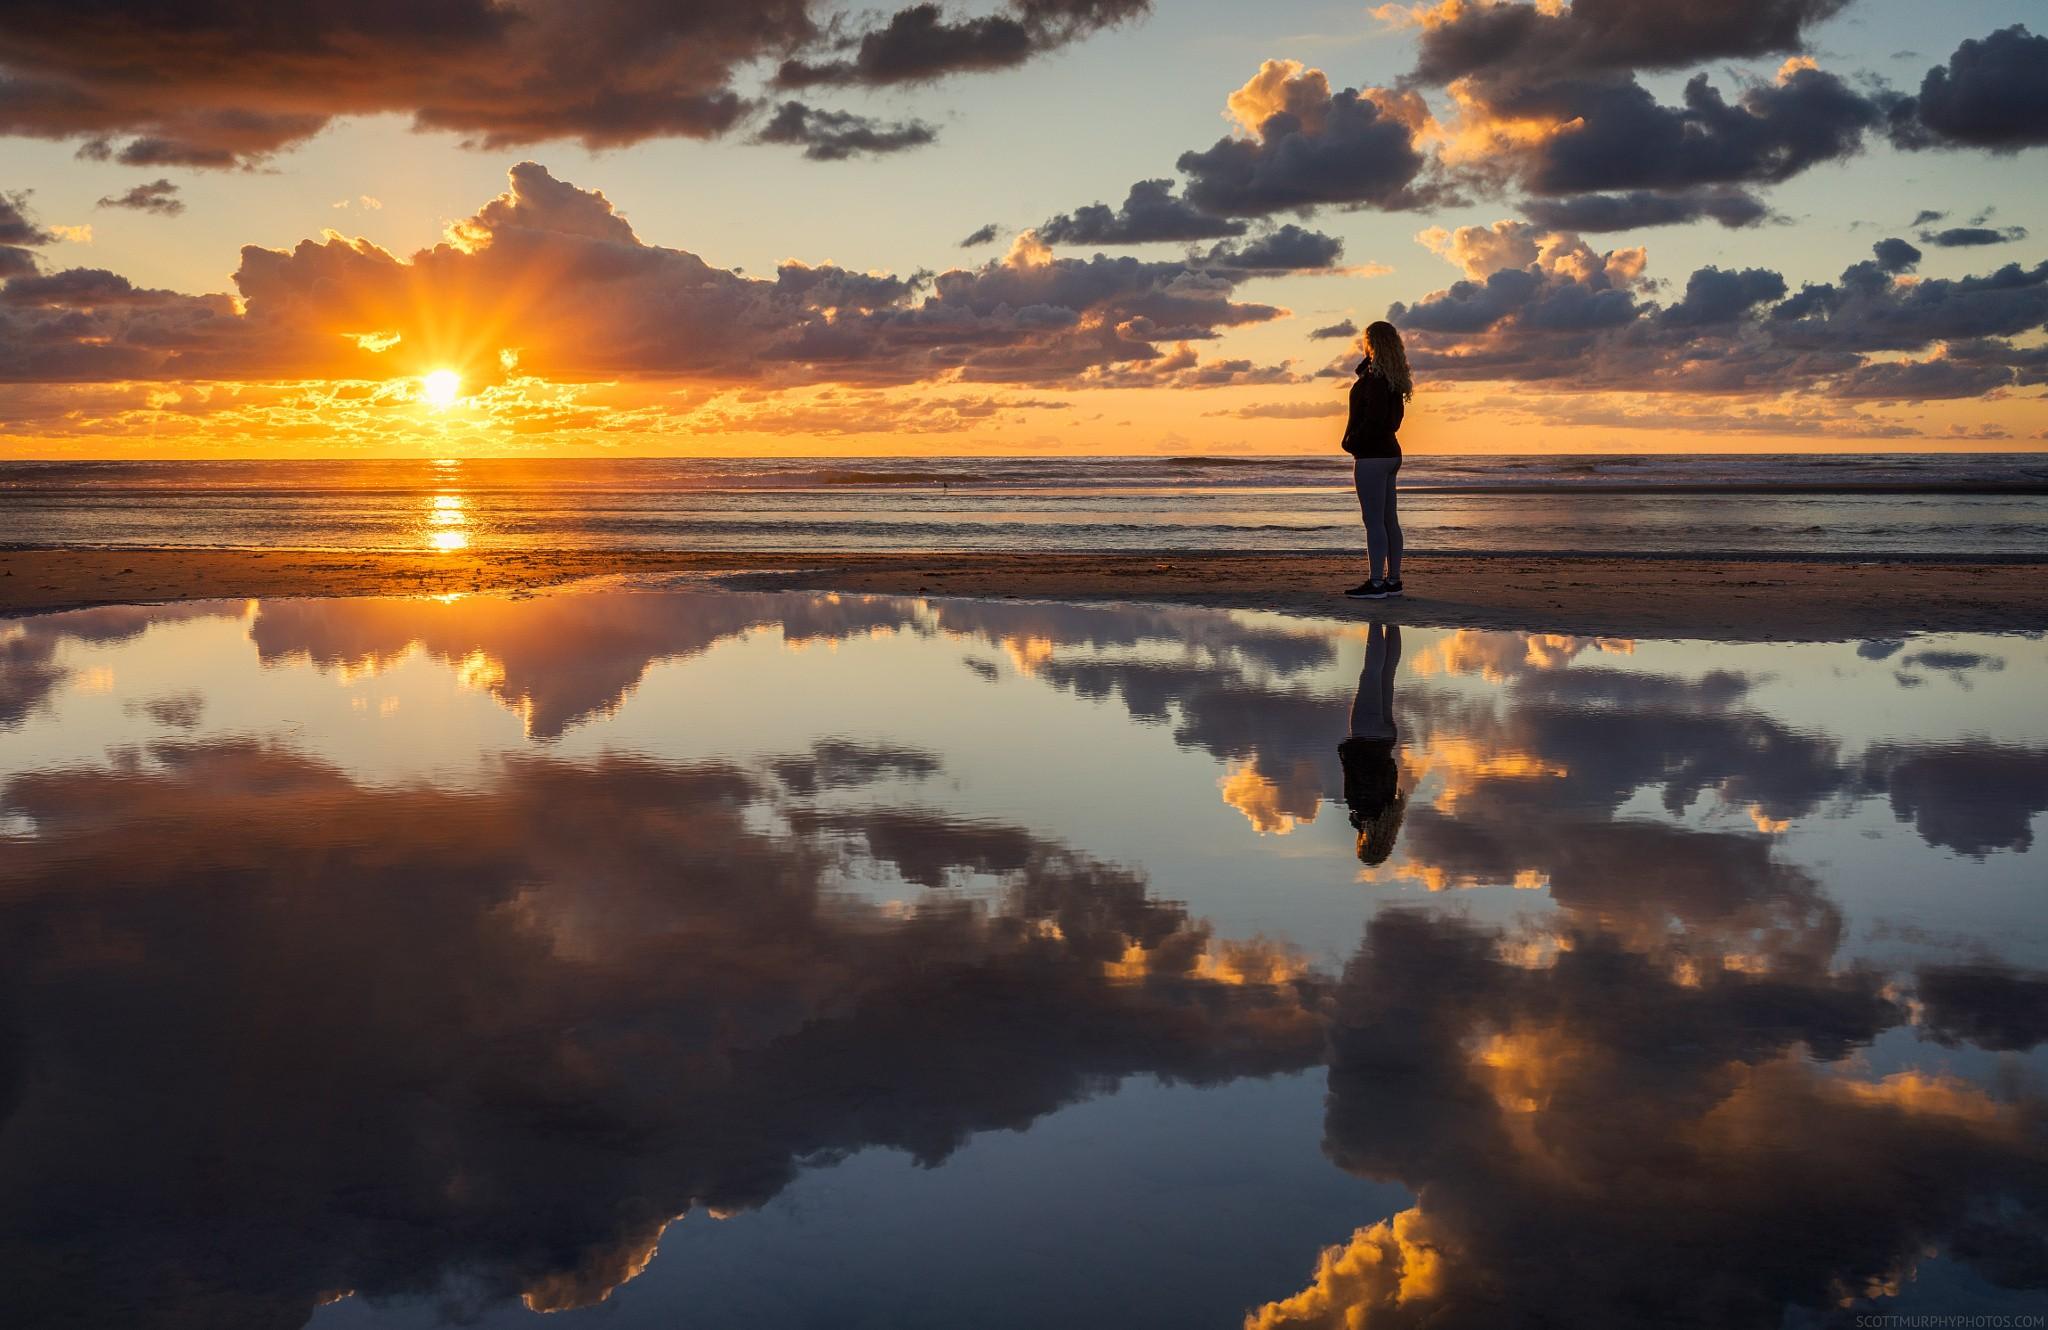 красивые фото людей на закате могут быть